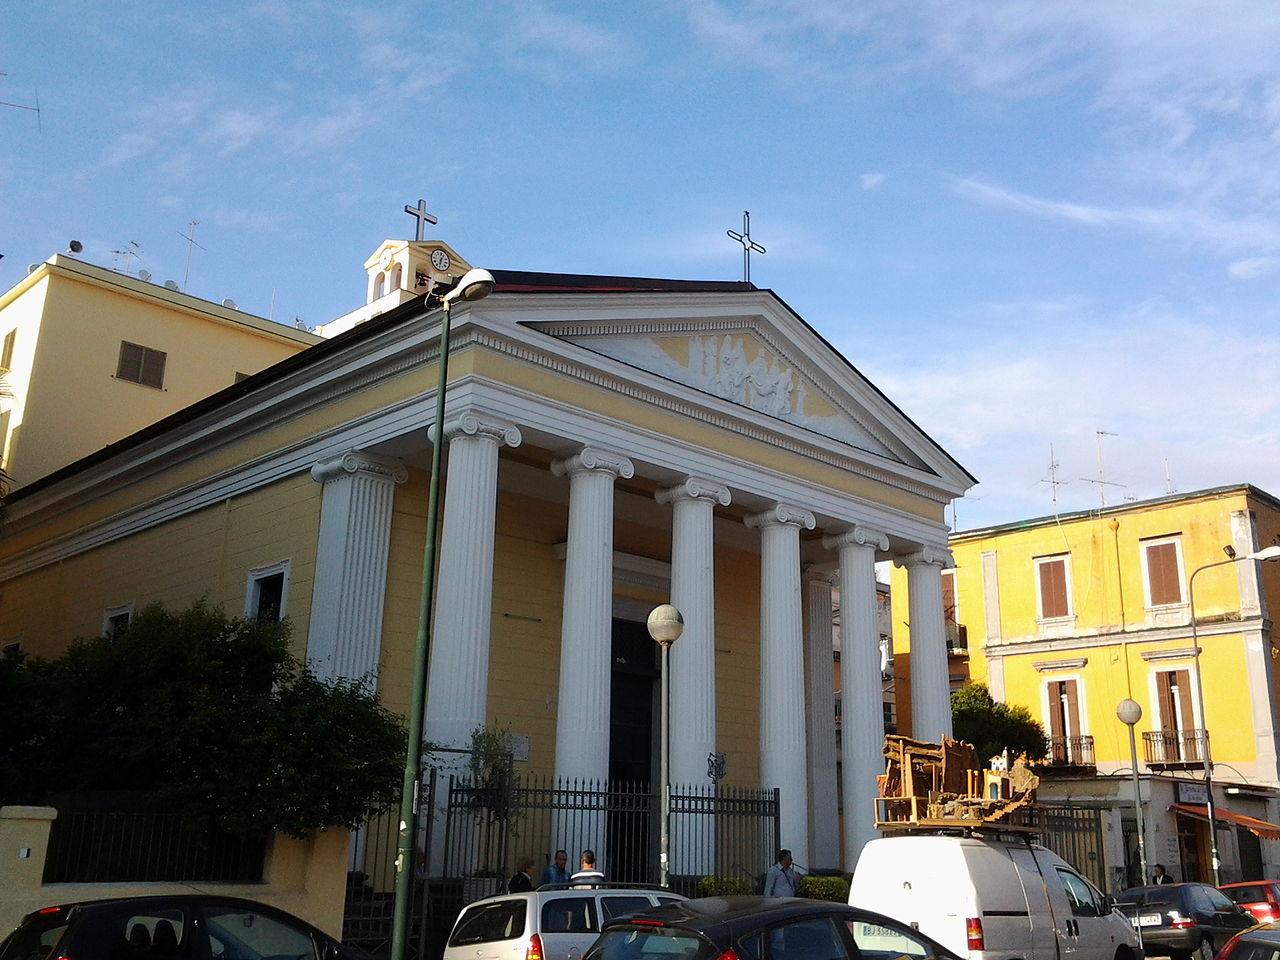 Chiesa di Maria Santissima Desolata